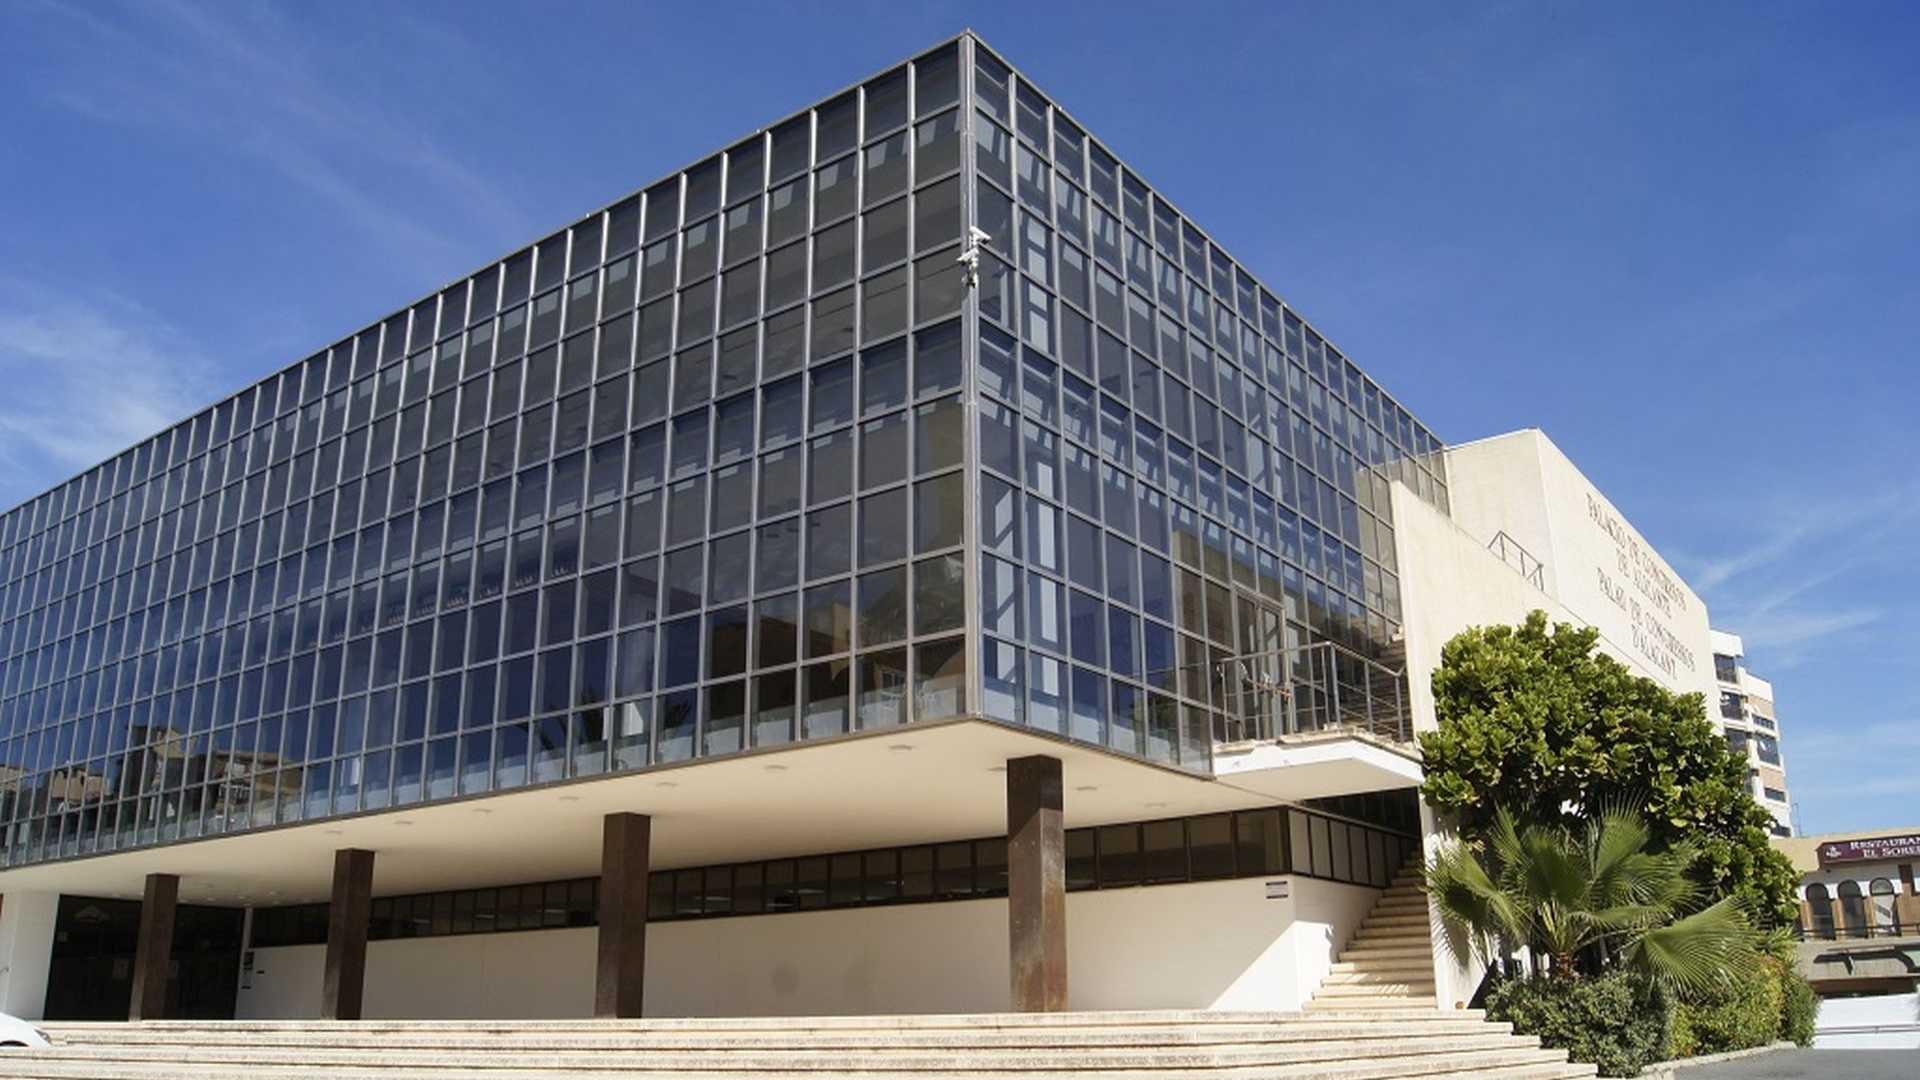 Palacio de Congresos de Alicante